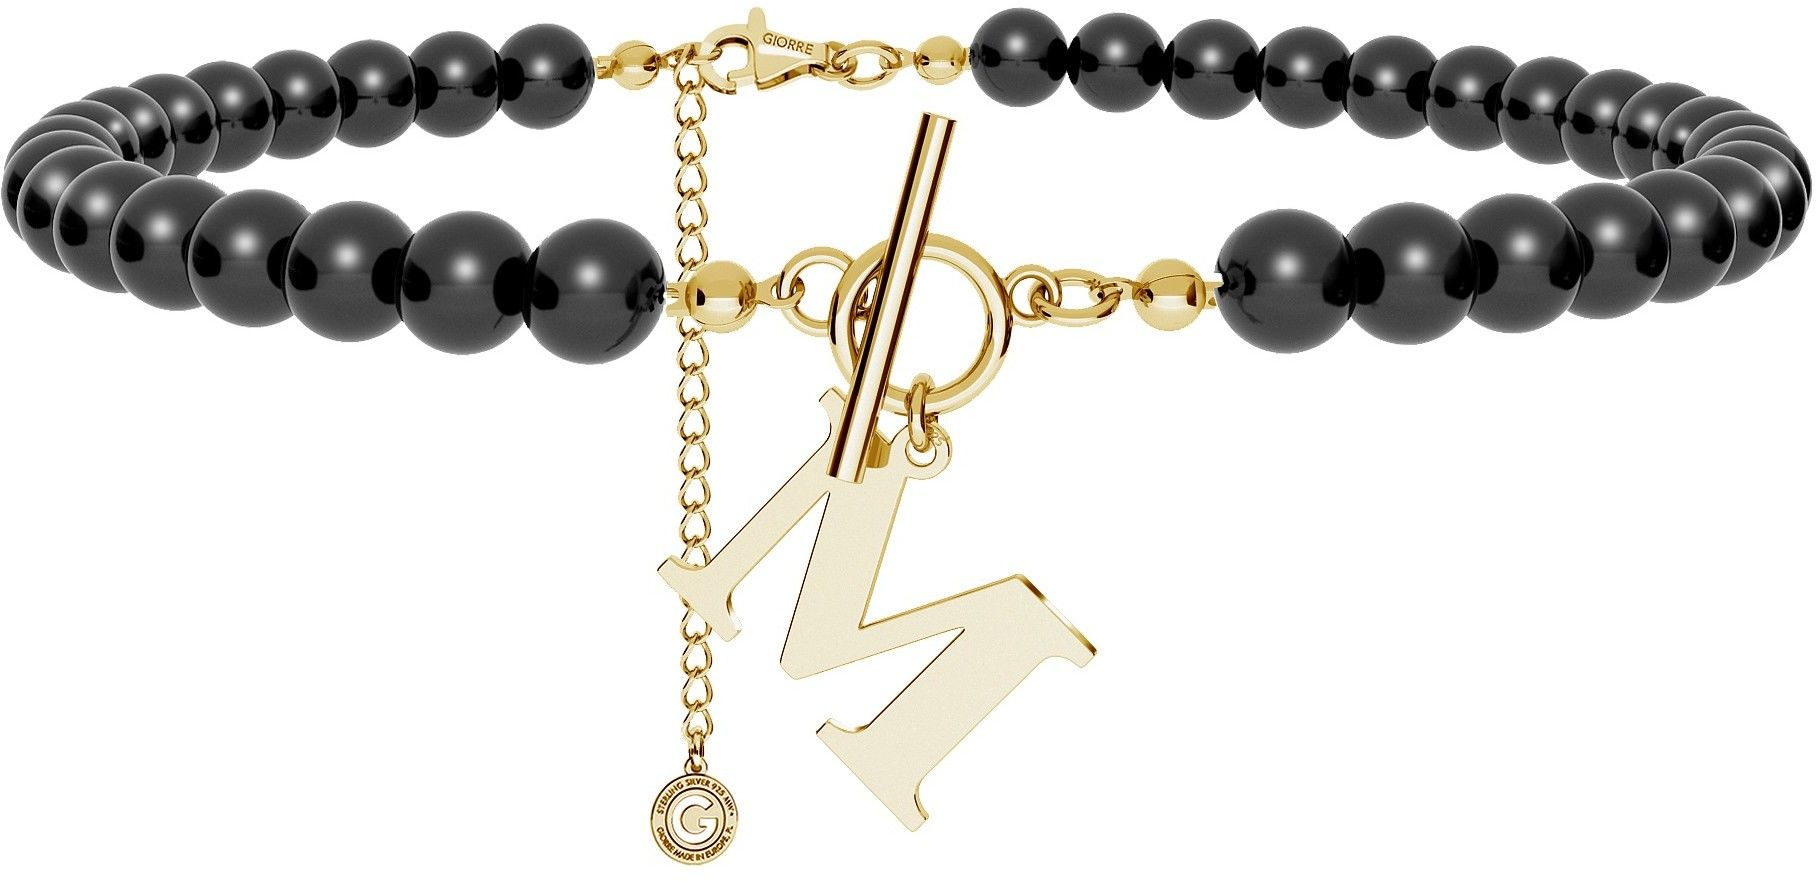 Czarny perłowy choker z dowolną literą, Swarovski, srebro 925 : Litera - X, Srebro - kolor pokrycia - Pokrycie żółtym 18K złotem